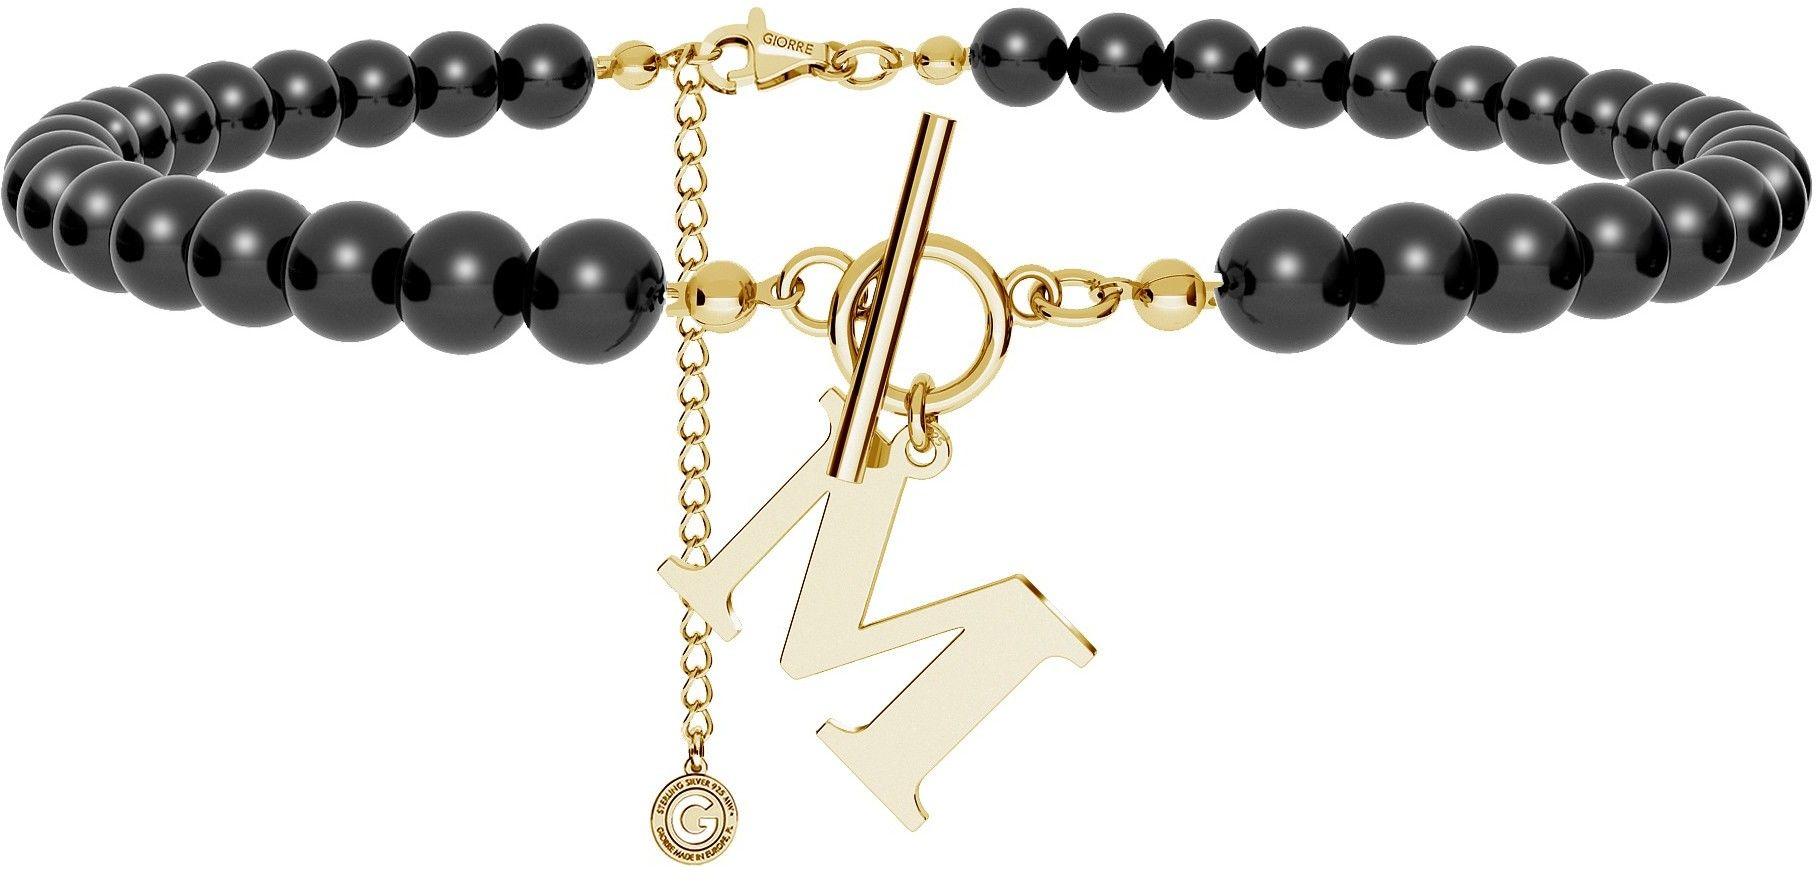 Czarny perłowy choker z dowolną literą, Swarovski, srebro 925 : Litera - A, Srebro - kolor pokrycia - Pokrycie platyną